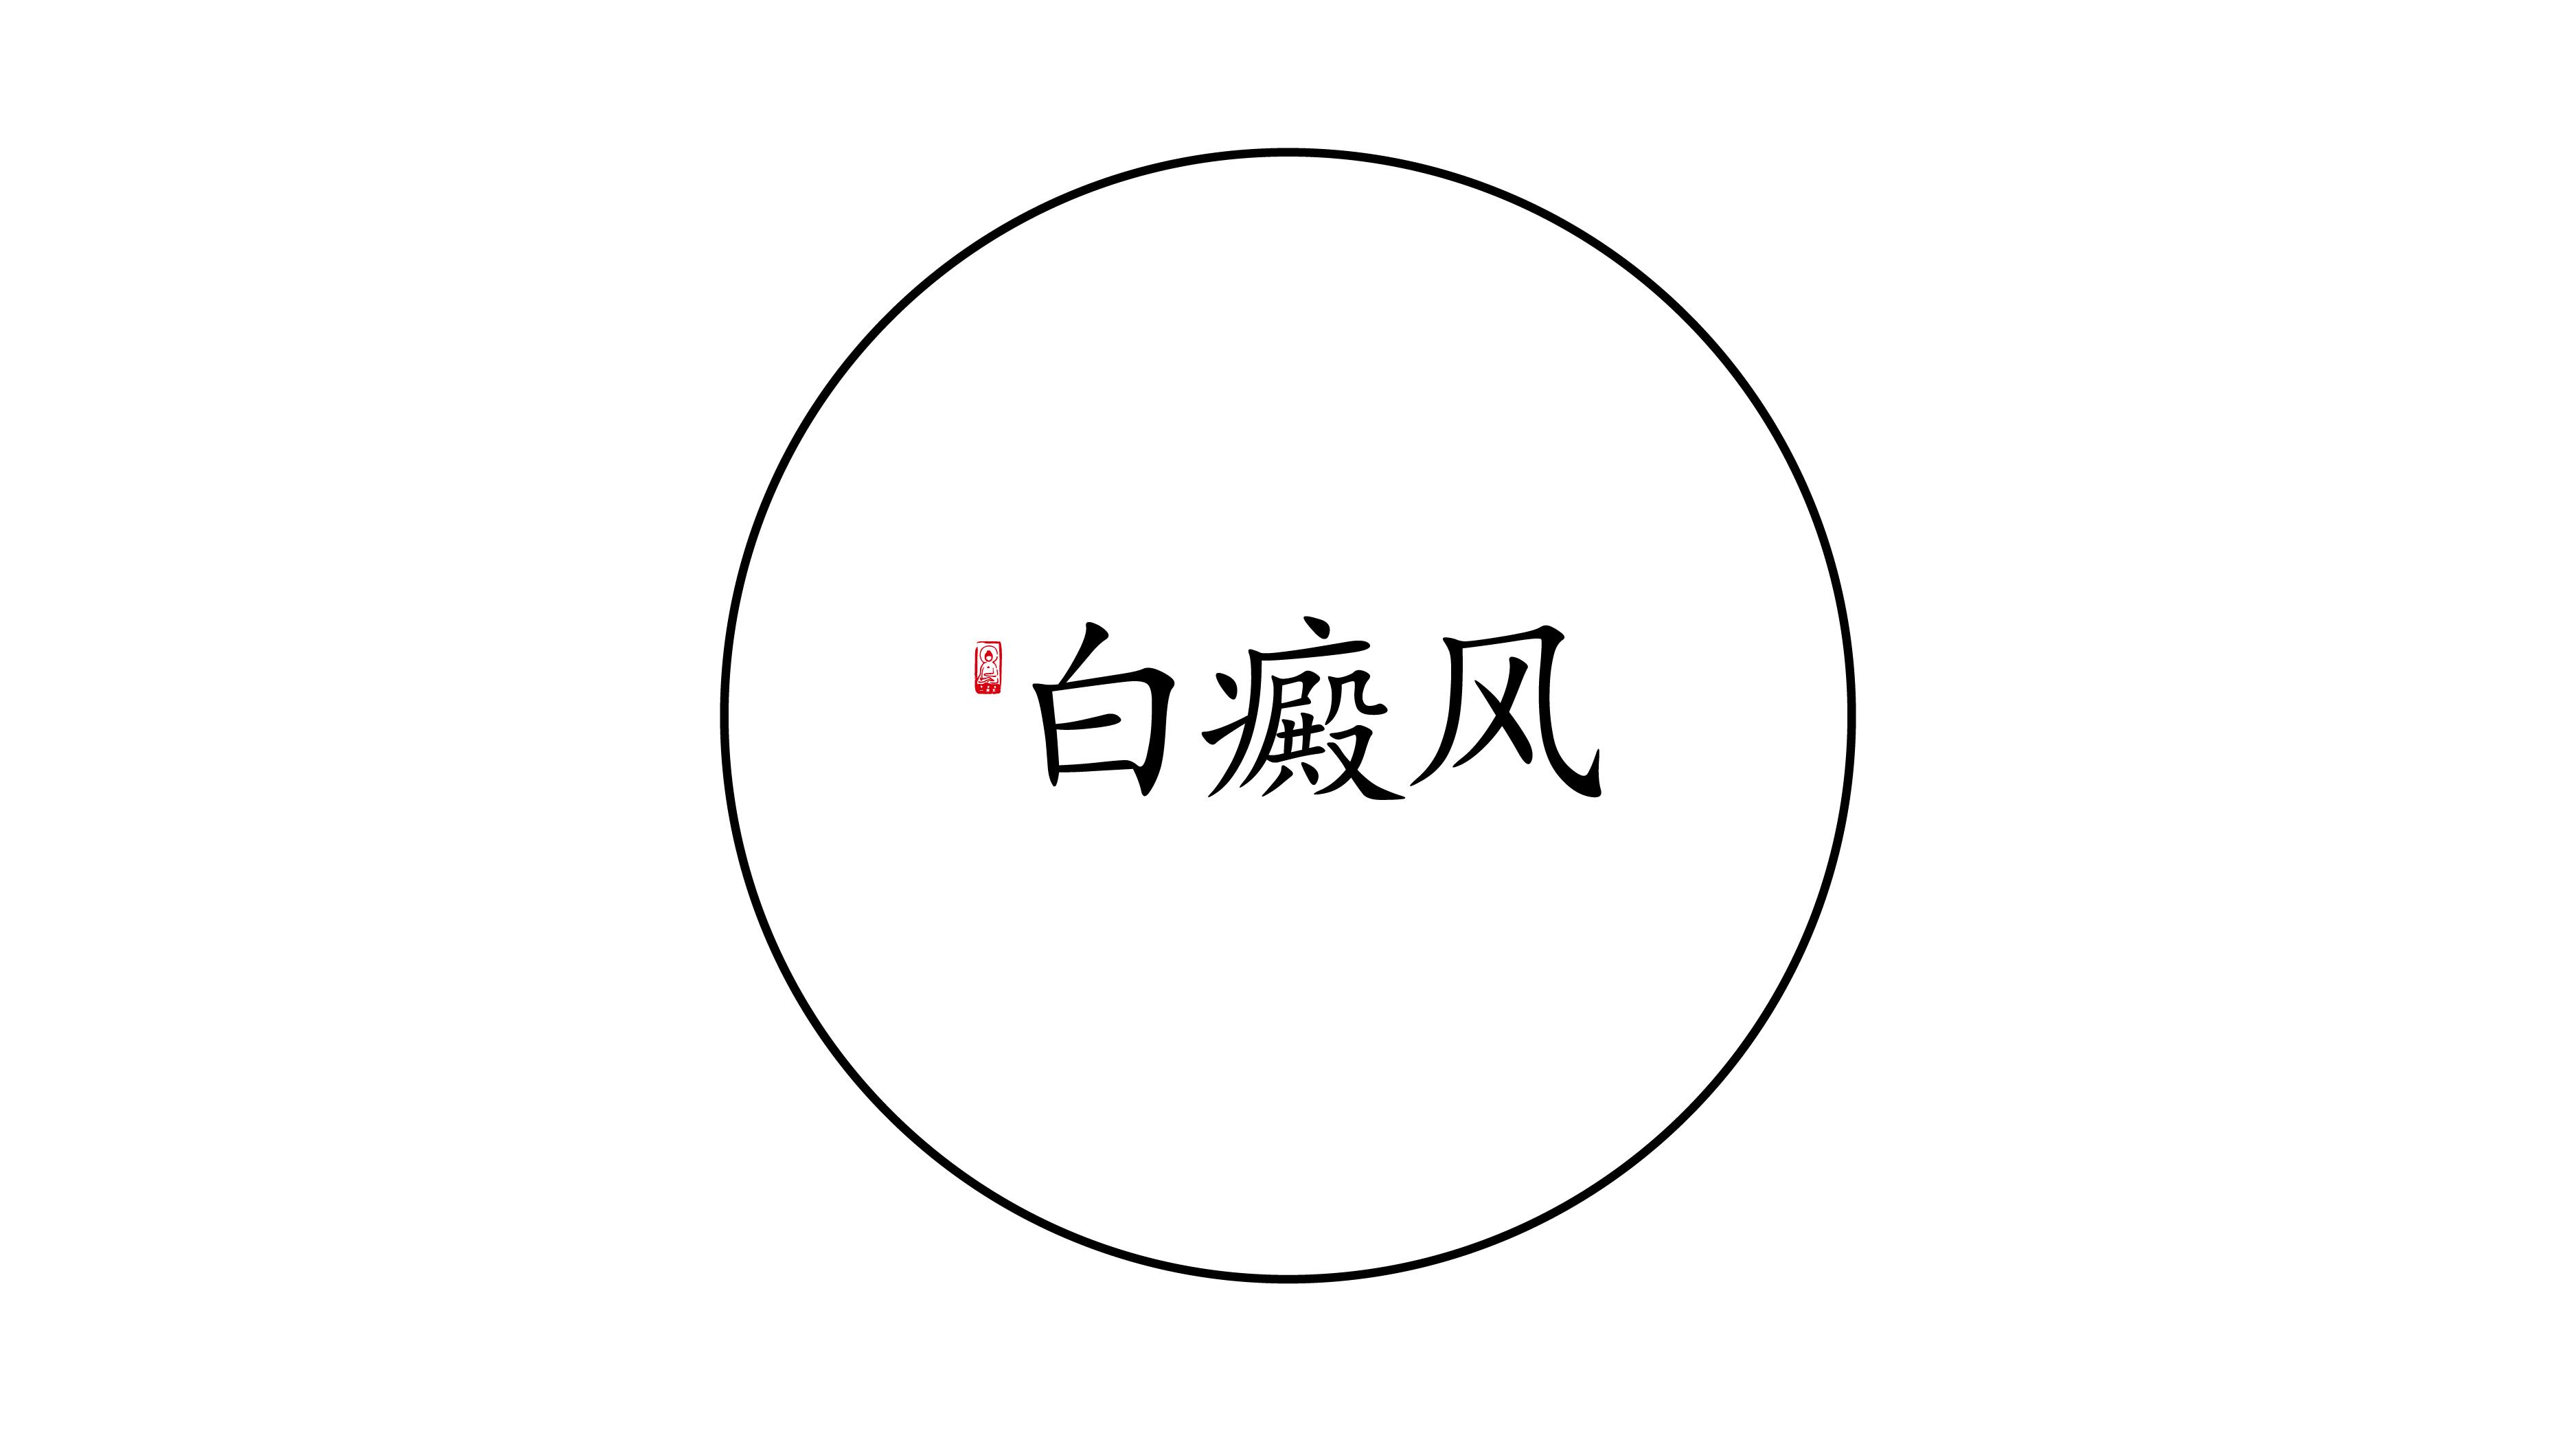 上海白癜风徐英华答夏季治疗白癜风的注意事项